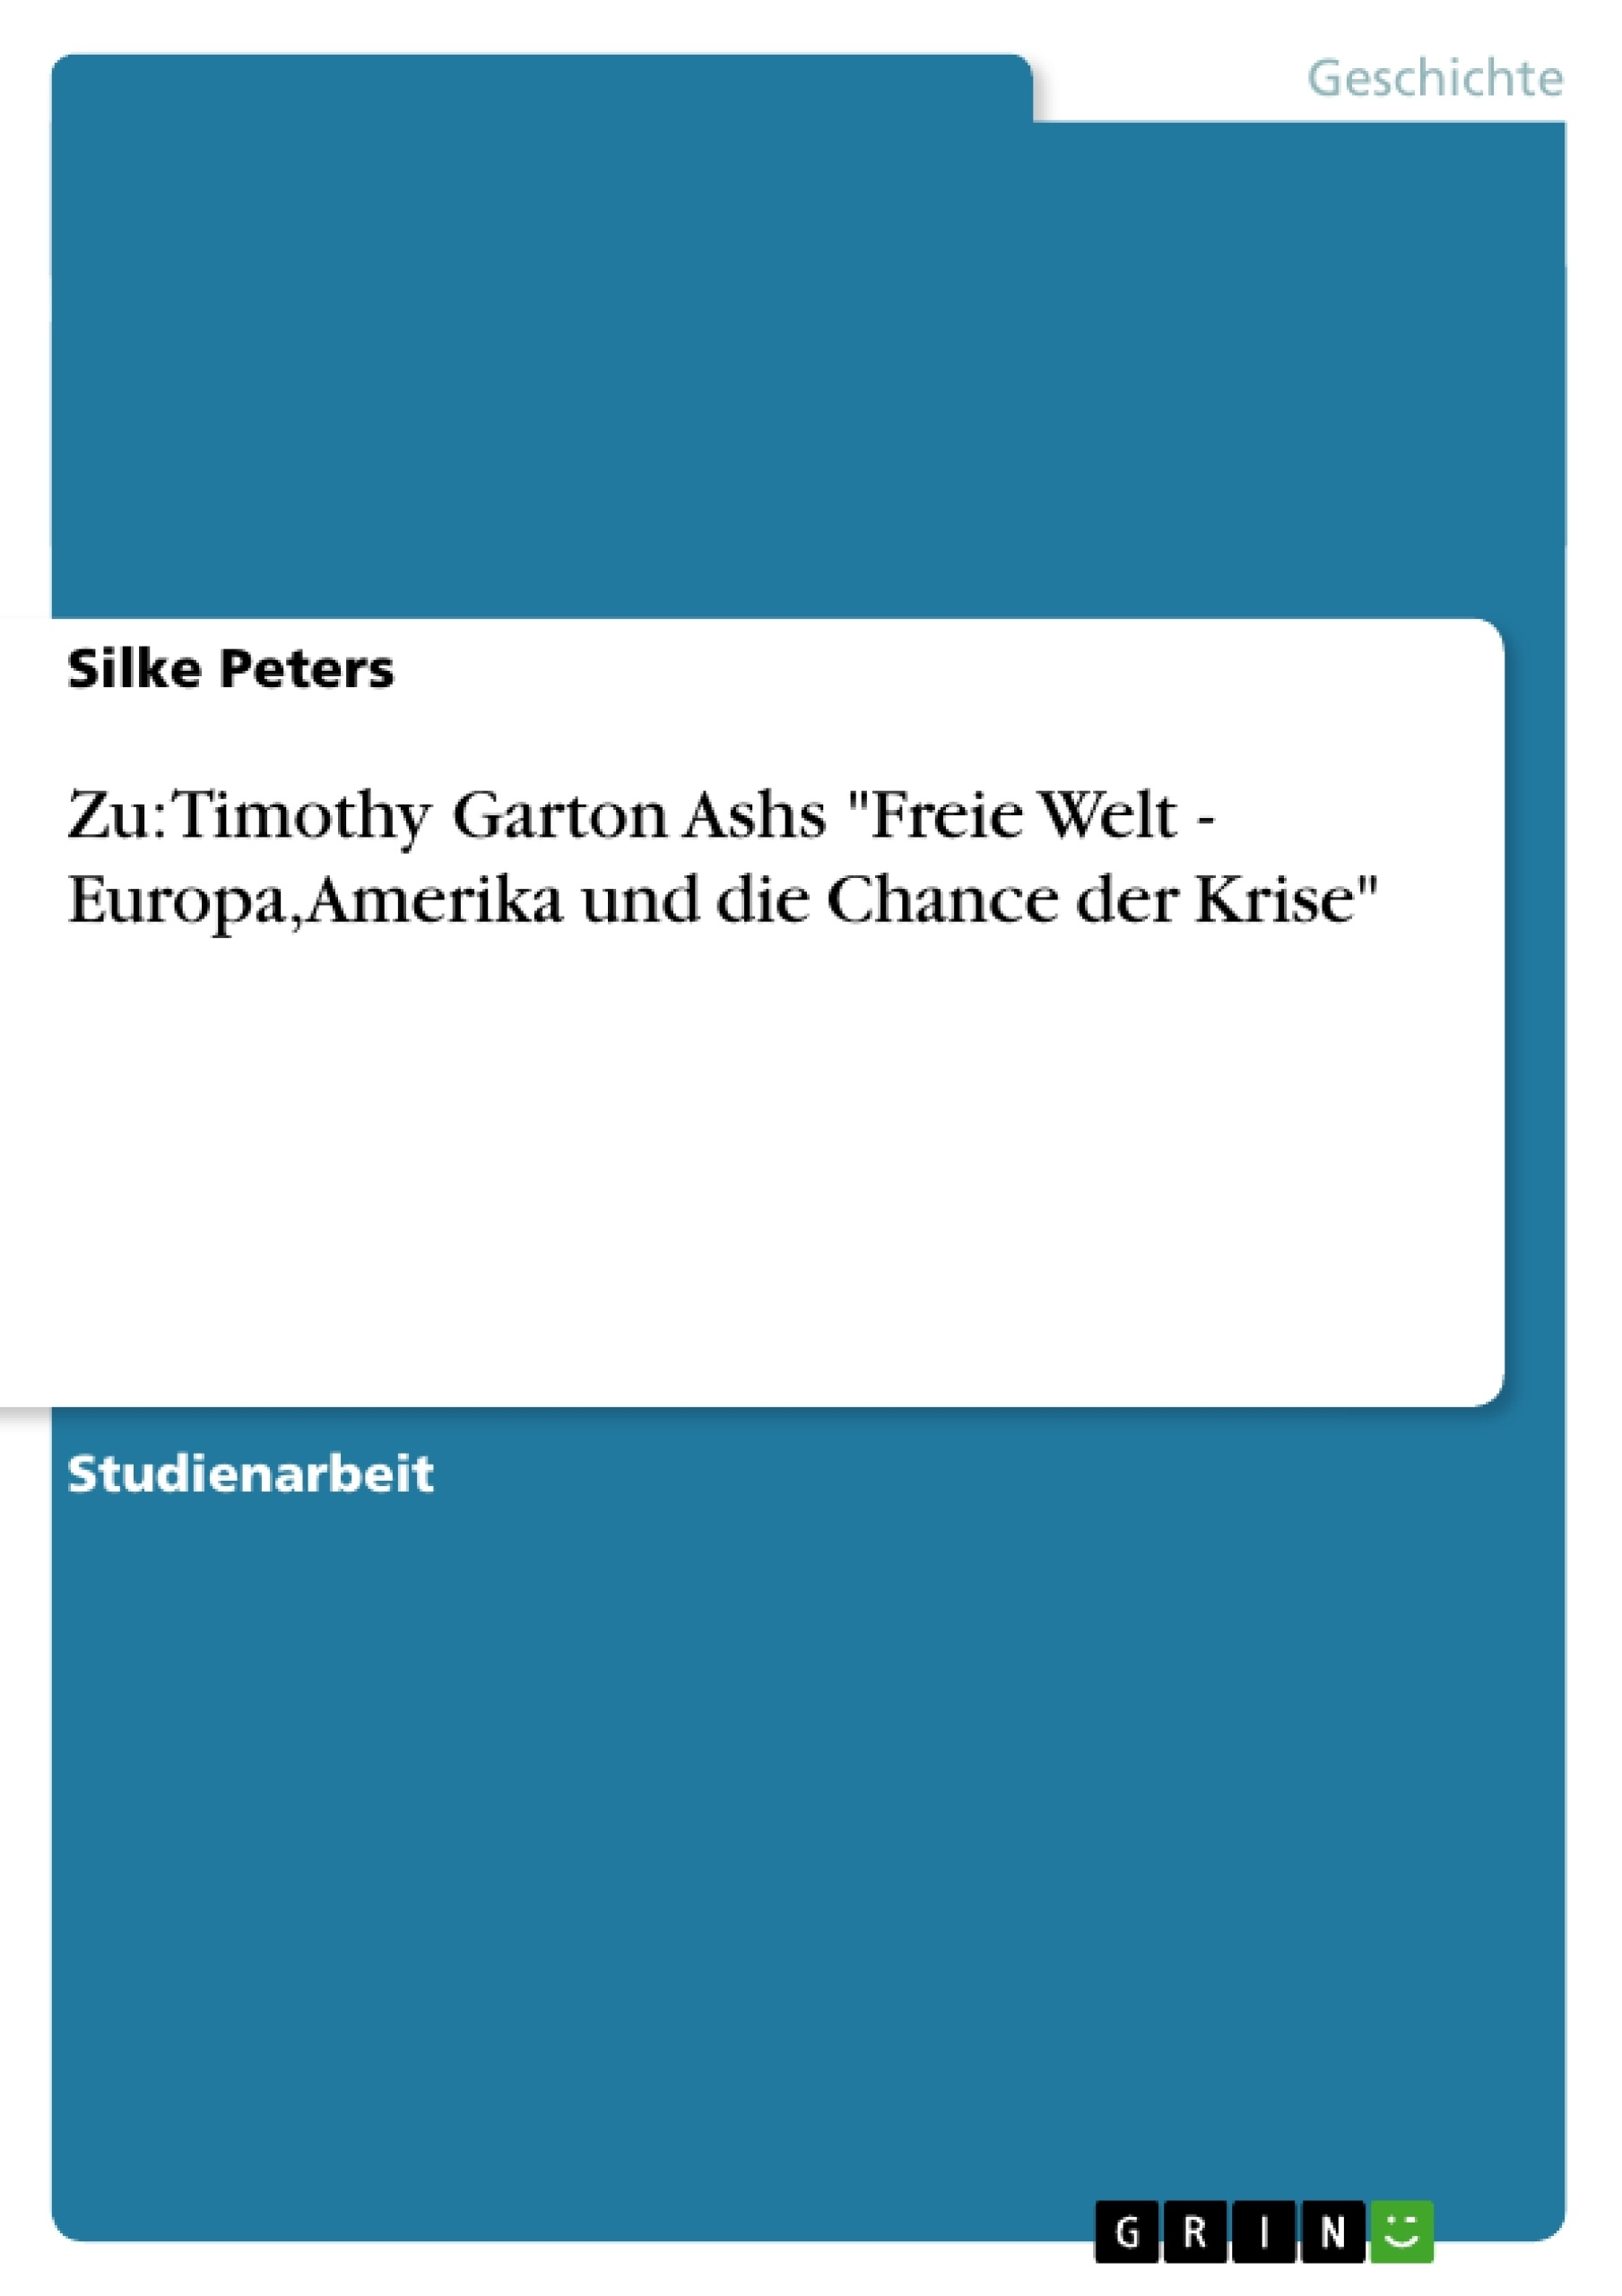 """Titel: Zu: Timothy Garton Ashs """"Freie Welt - Europa, Amerika und die Chance der Krise"""""""